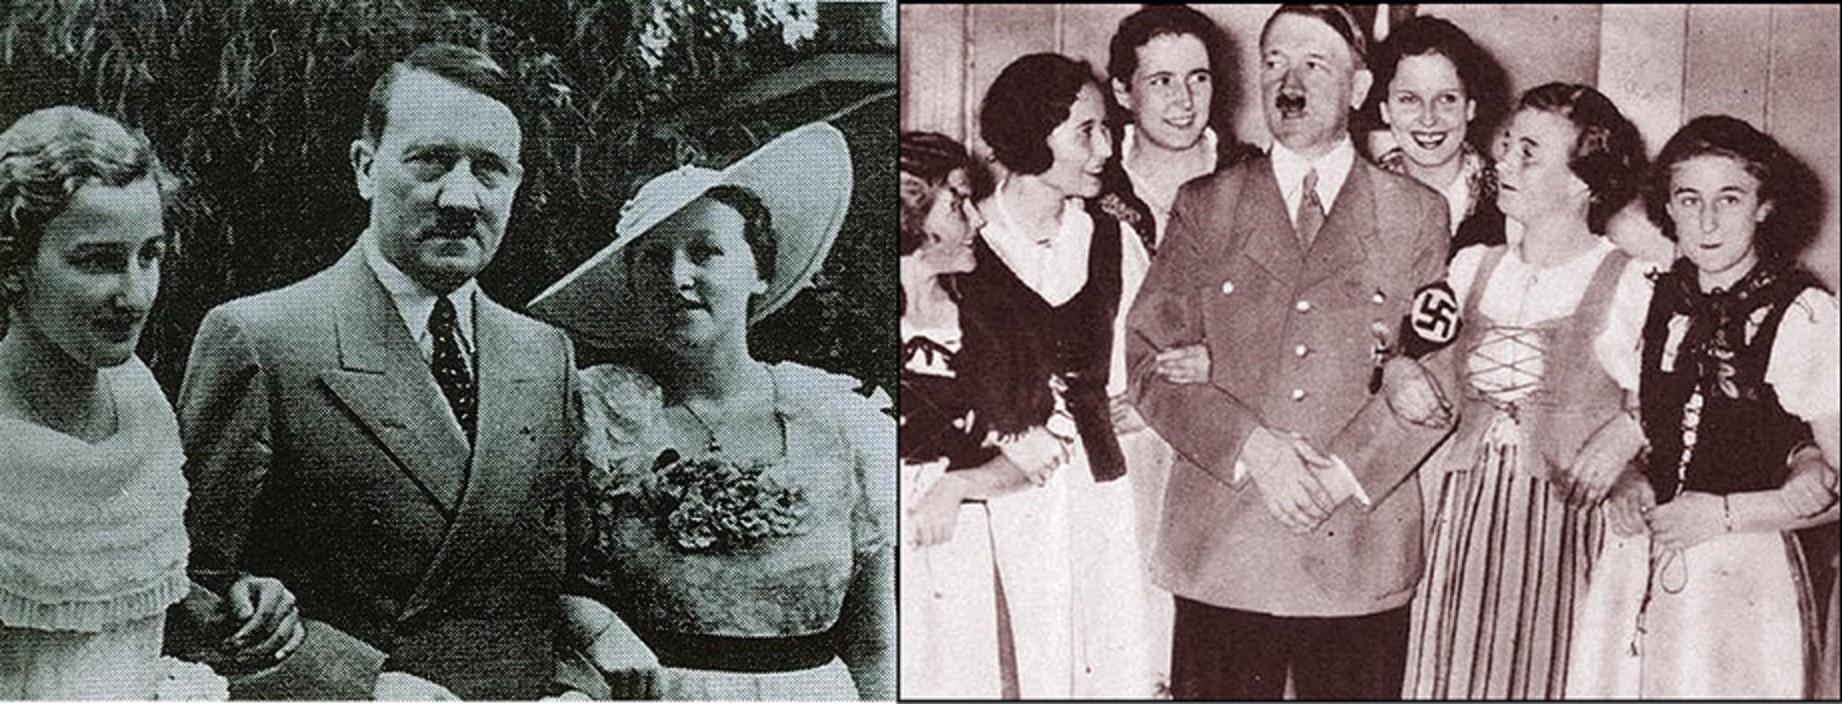 Hitler et les femmes, des relations équivoques, scandaleuses, dangereuses…